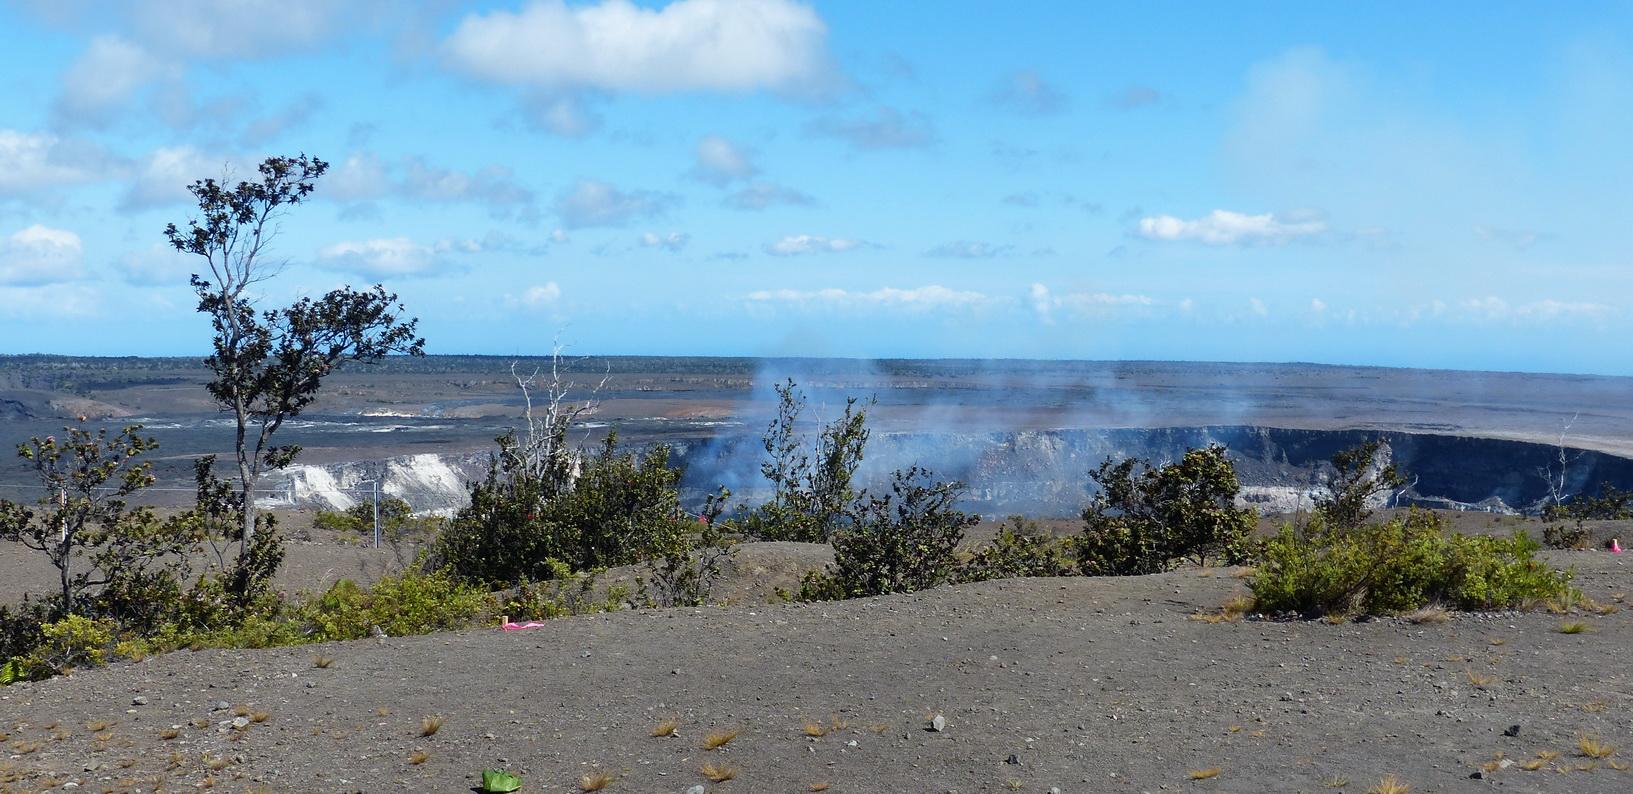 Hilo, Hawaii Island, Volcano N.P.